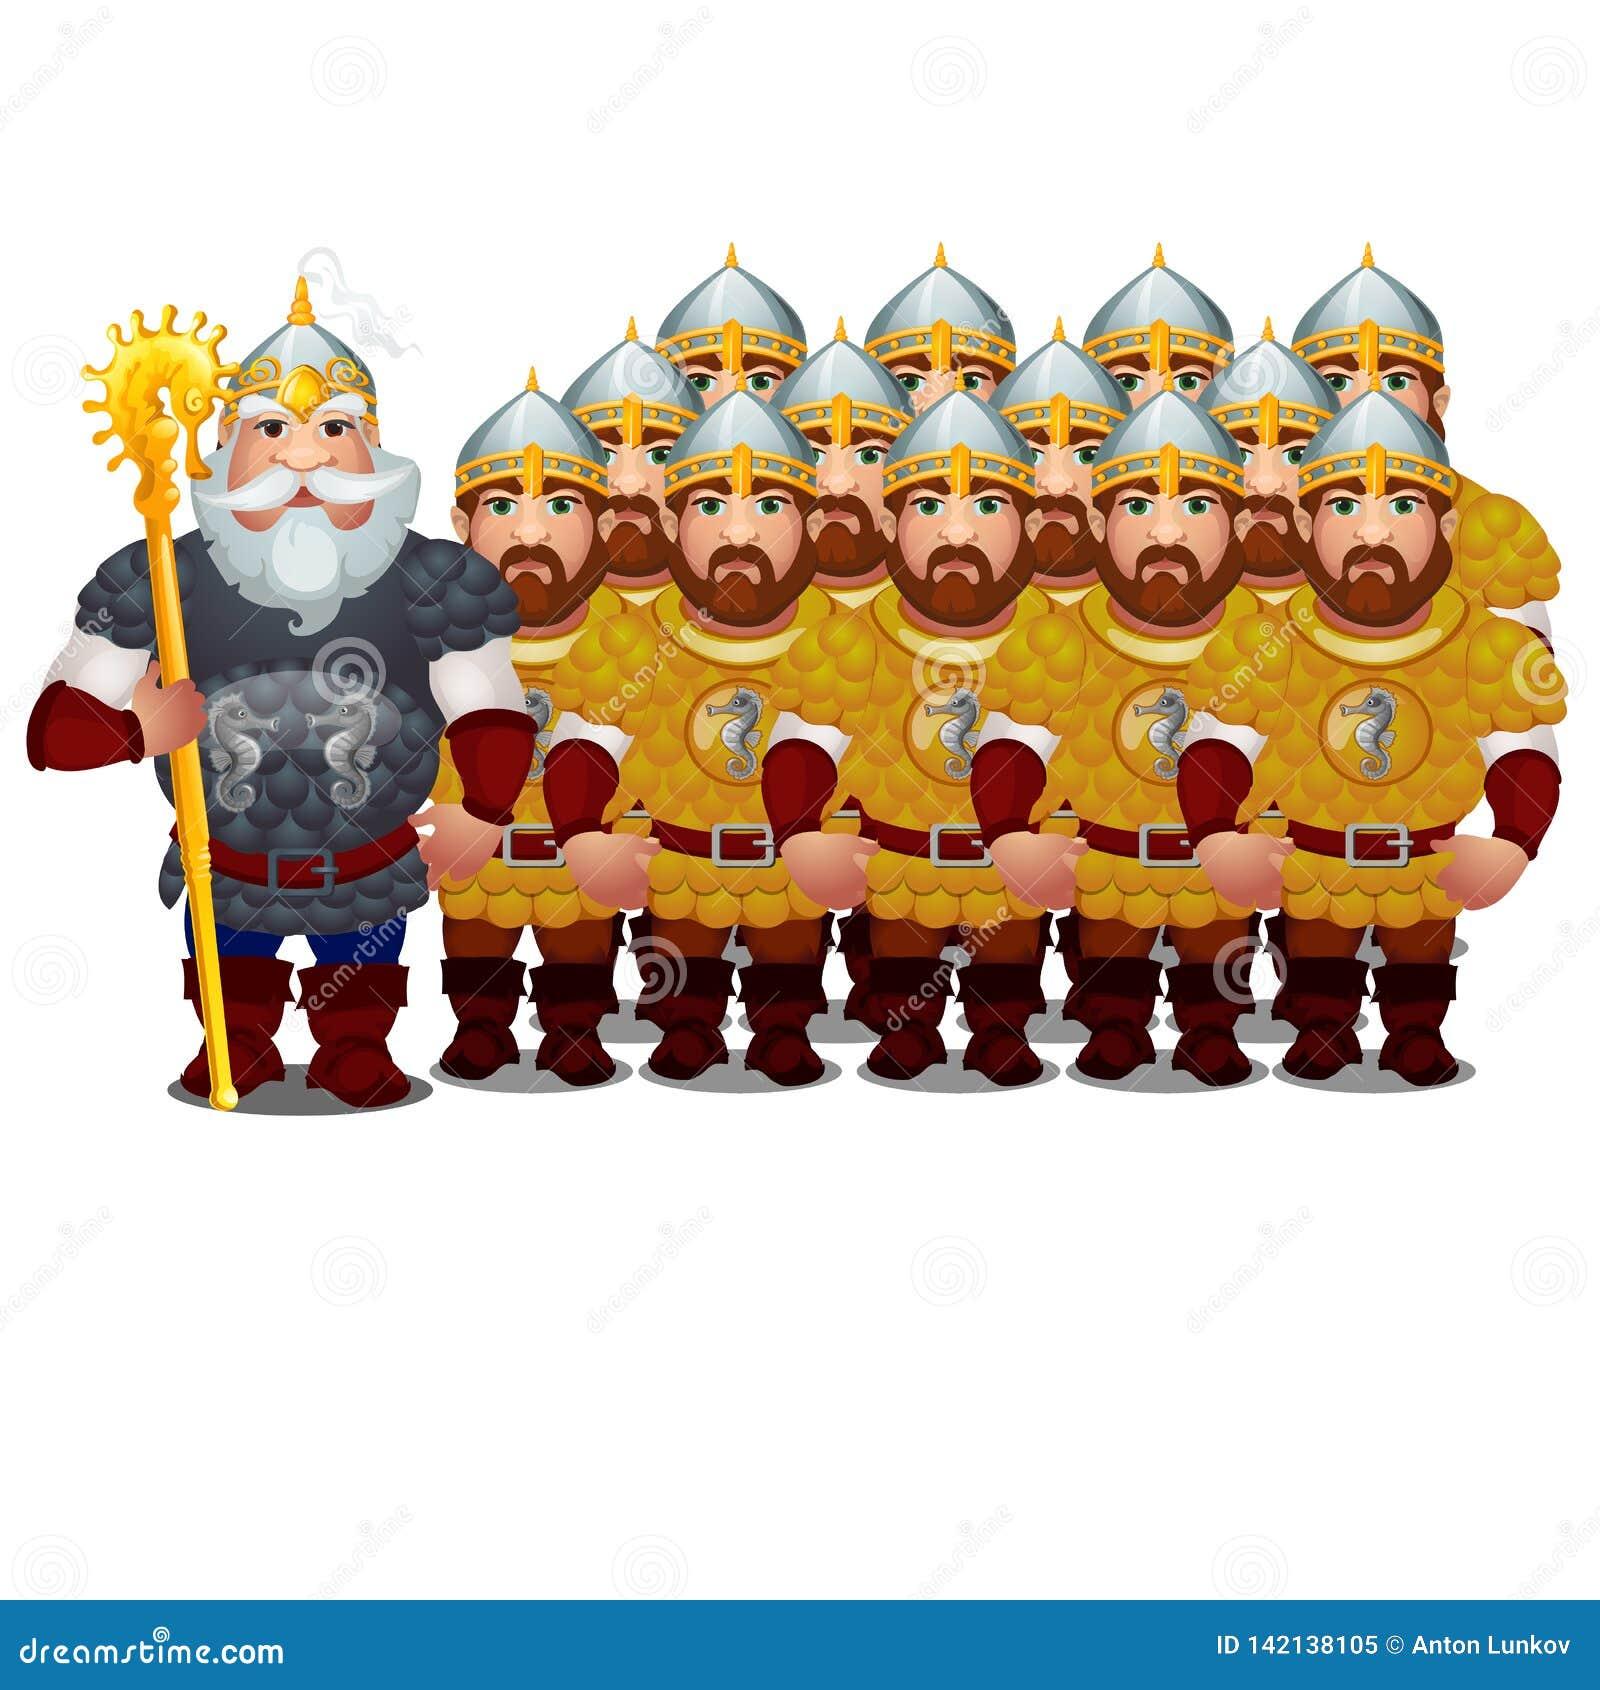 Bevelhebber met leger van epische helden van Russische folklore en volksdieverhalen op witte achtergrond wordt geïsoleerd Vector